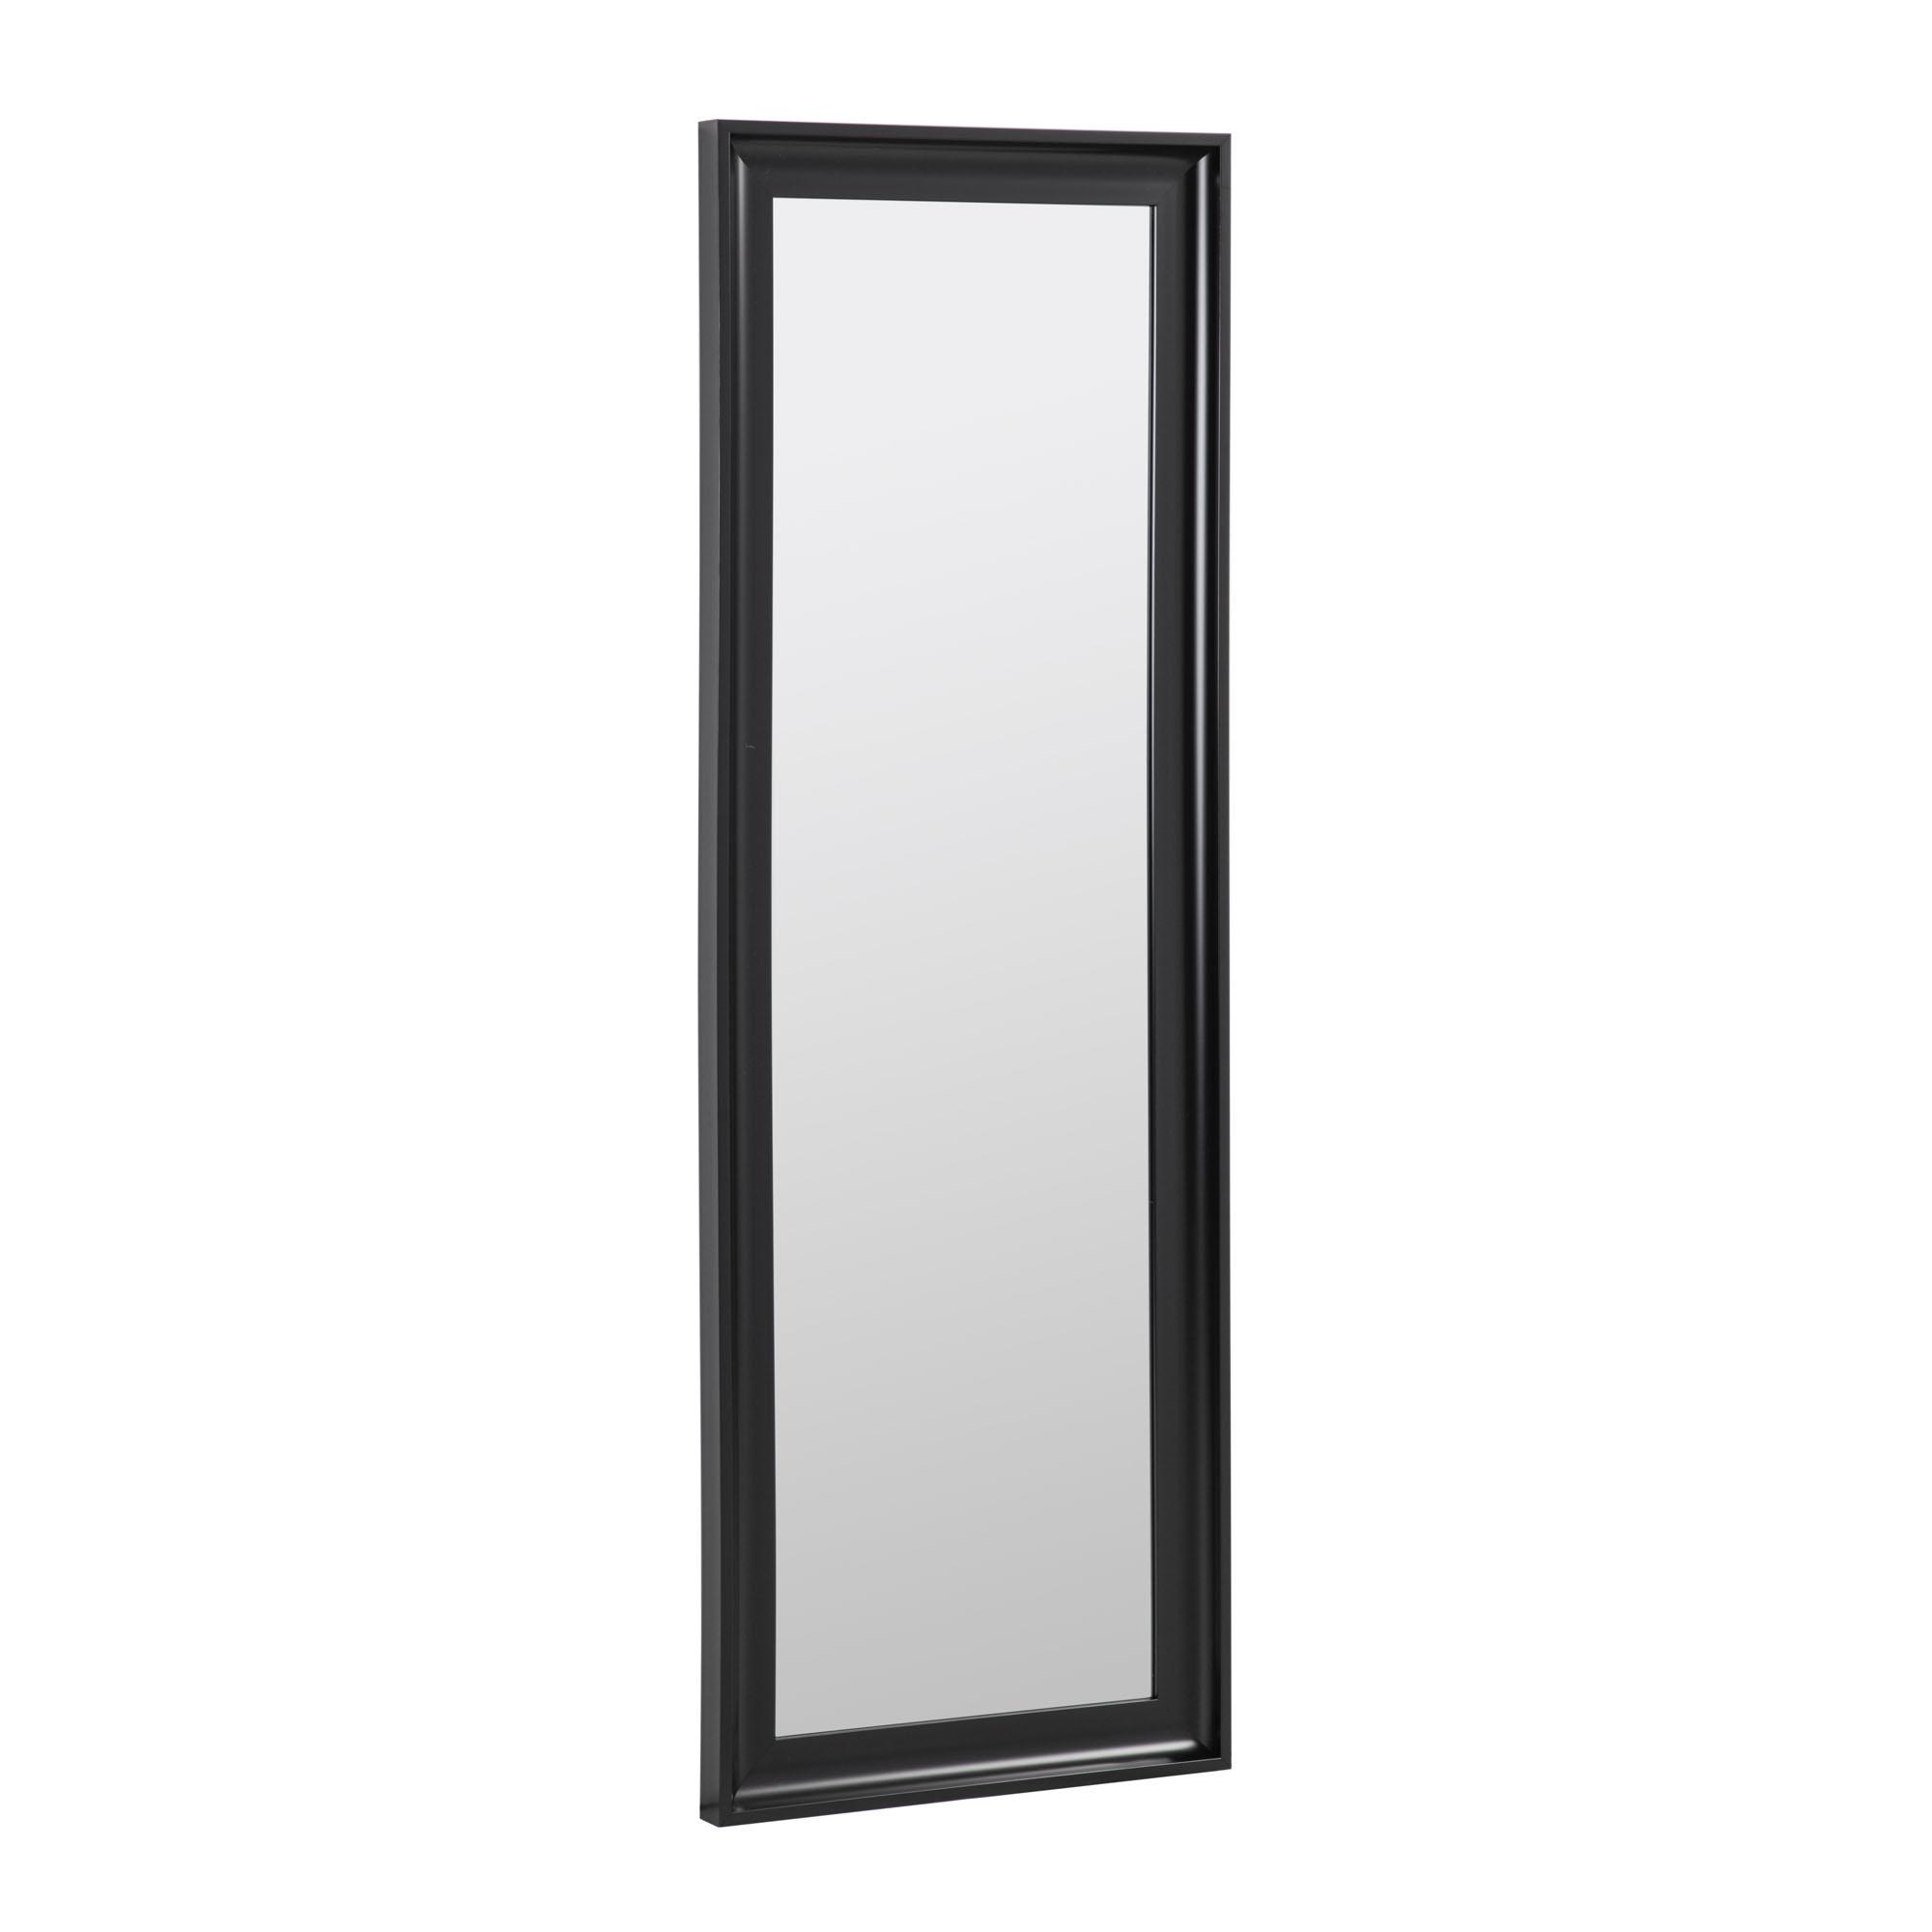 Kave home - miroir romila 52 x 158,5 cm noir